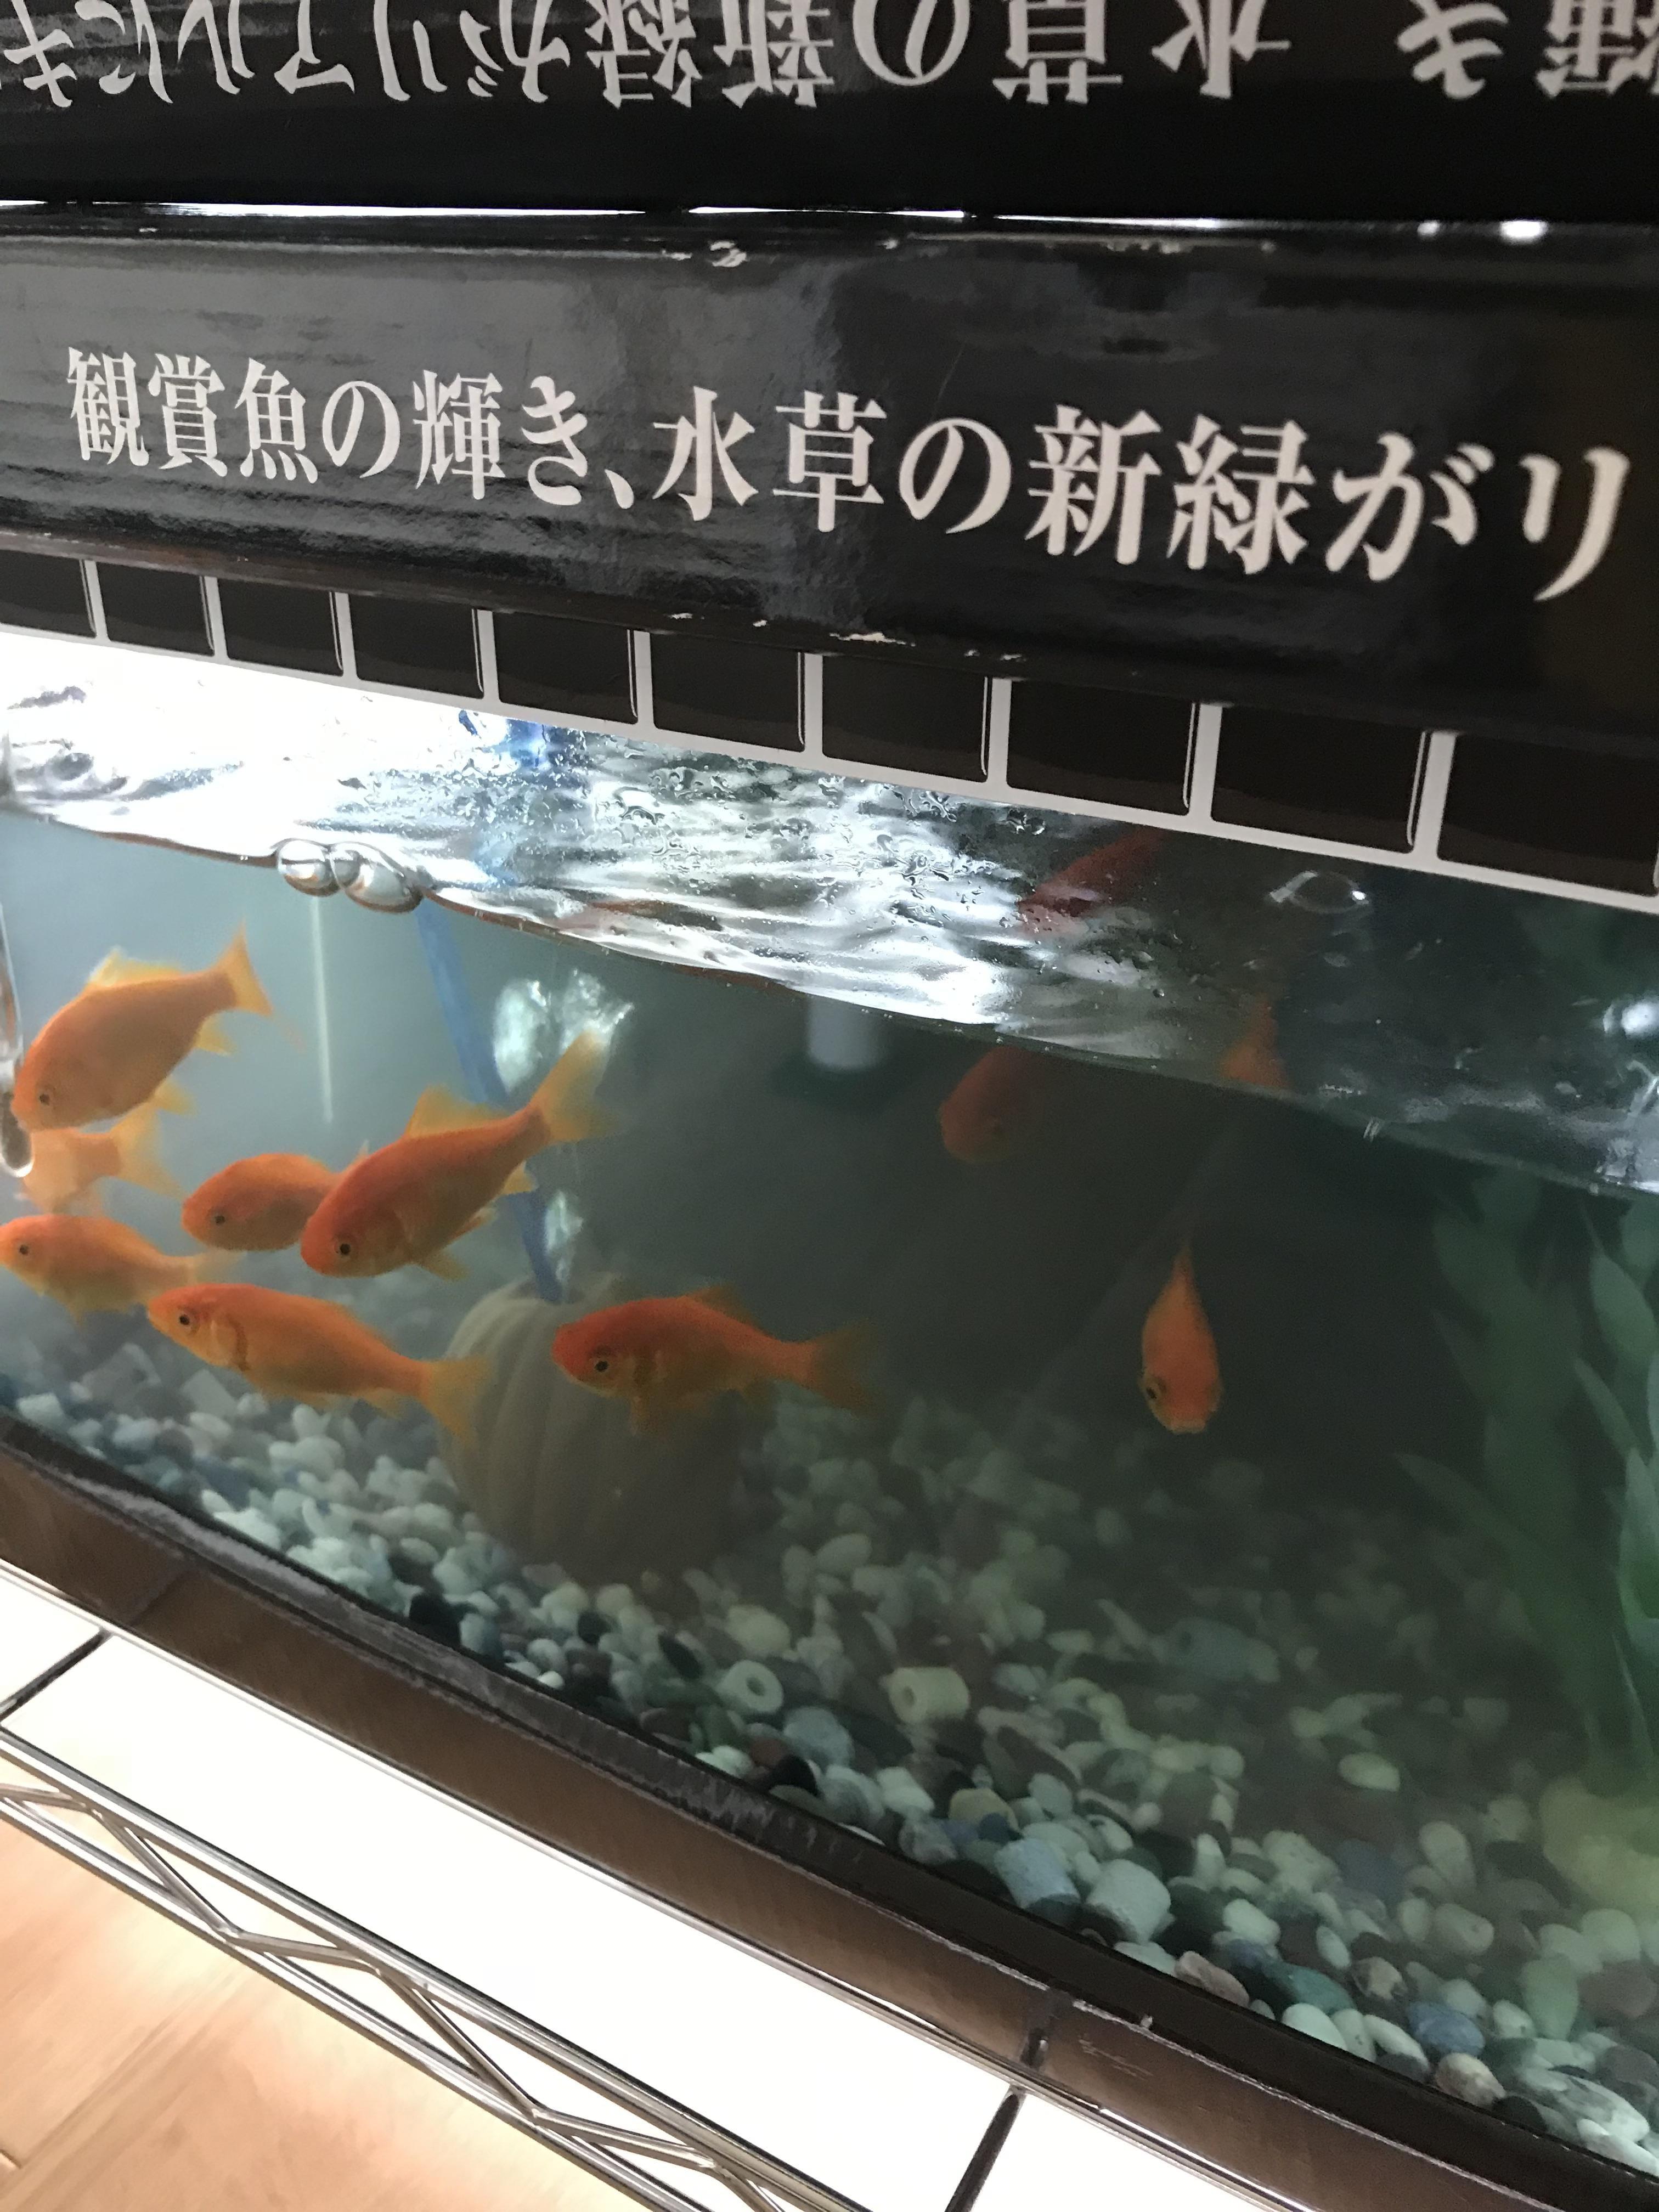 「こんにちは(^O^)」05/24(05/24) 12:12   ことみの写メ・風俗動画